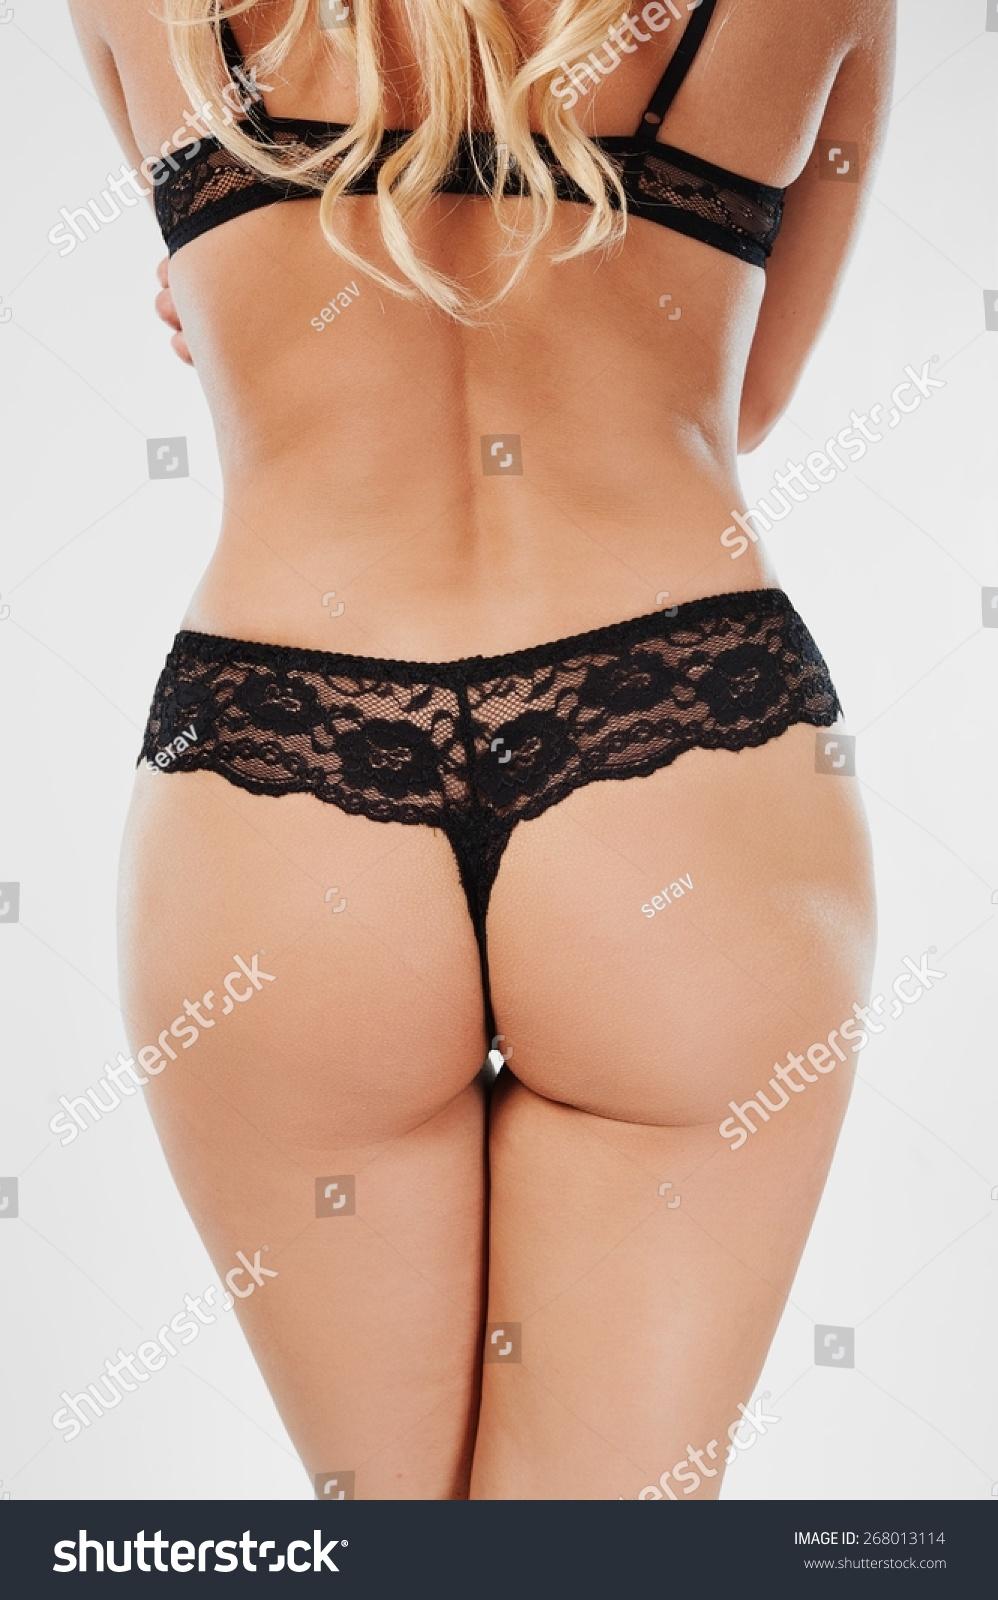 Beautiful Ass Panties Pictures